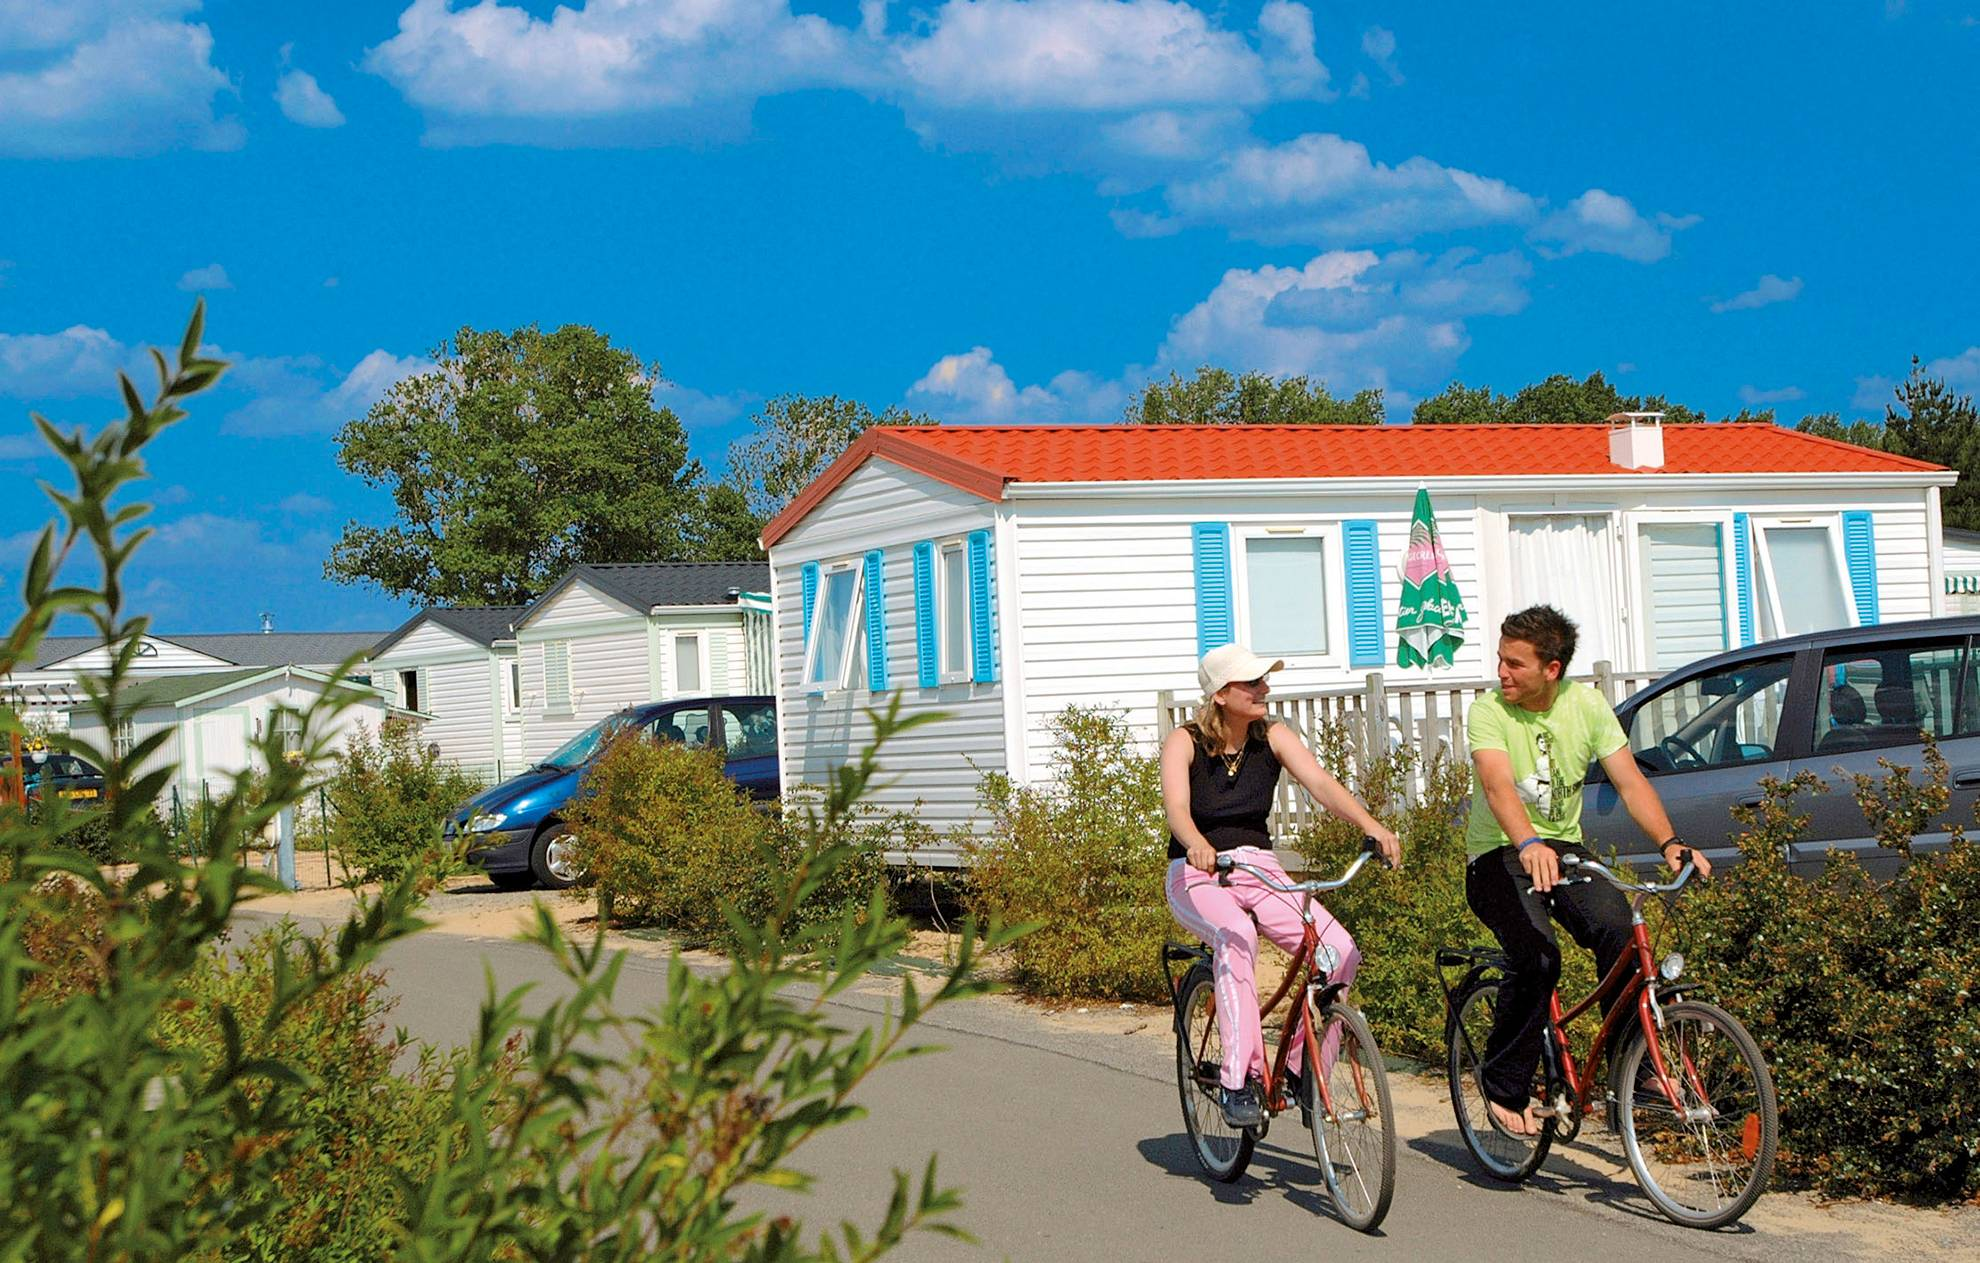 vitalys l 39 etang de besse campsites saint hilaire de riez vendee tourism